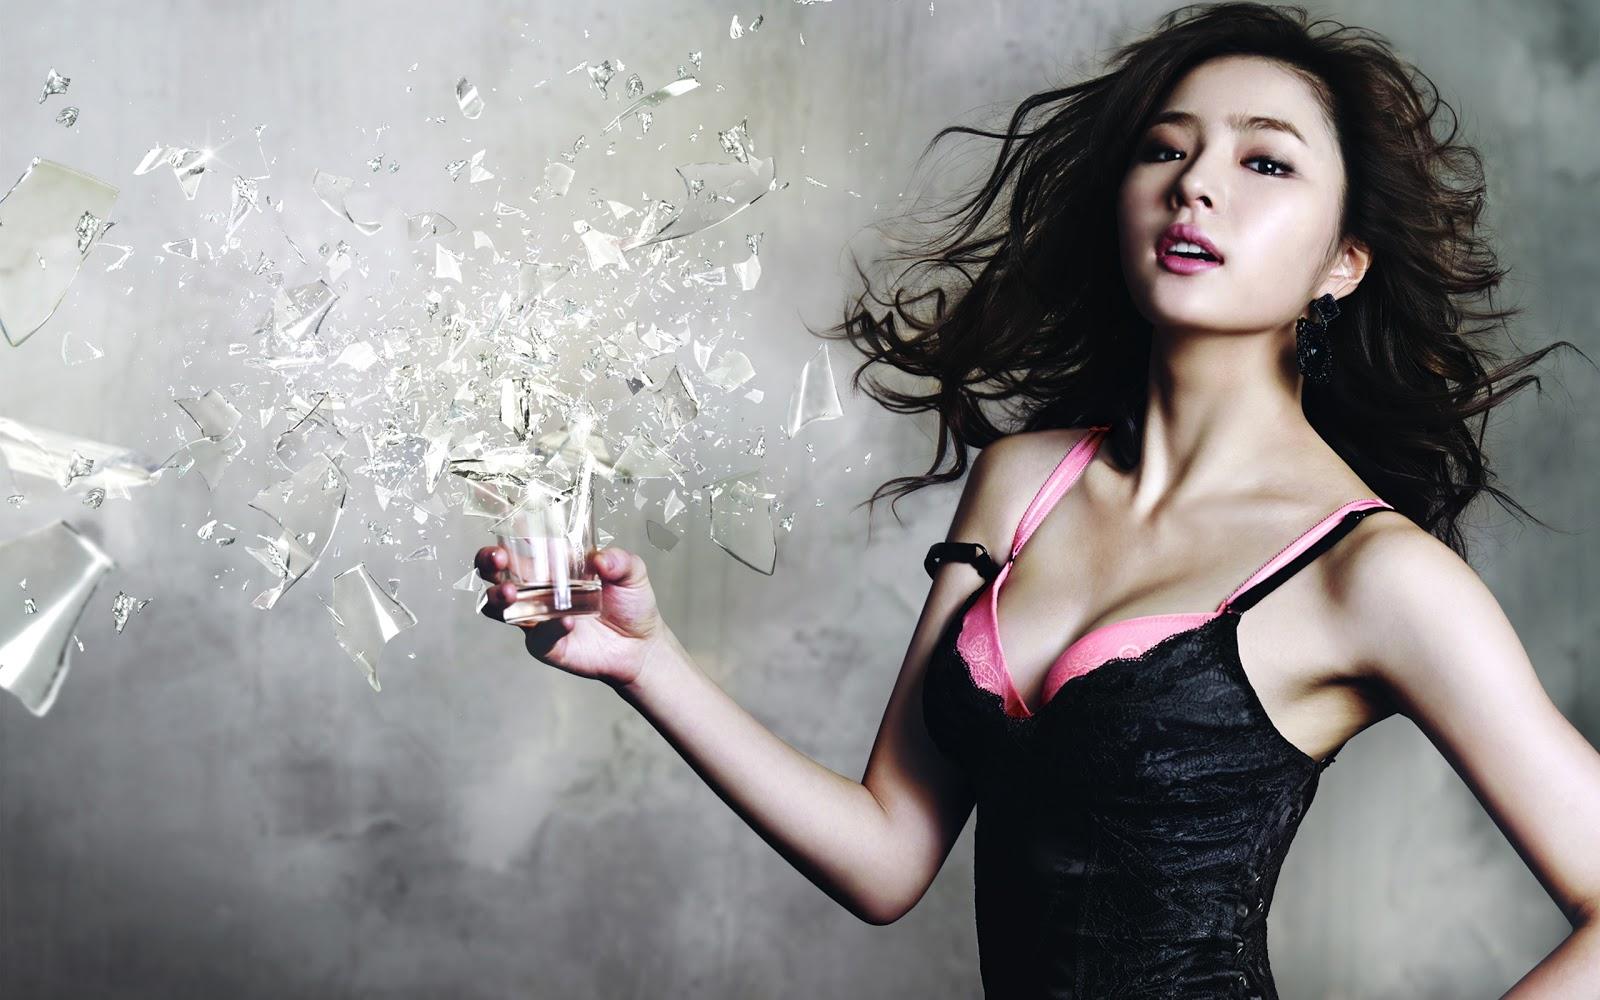 http://2.bp.blogspot.com/-uG5aZJpT7lc/UR7XNGfIJ-I/AAAAAAAAcoI/tc3HZazt8kE/s1600/Shin+Se+Kyung+Hot+Wallpaper+HD+2.jpg